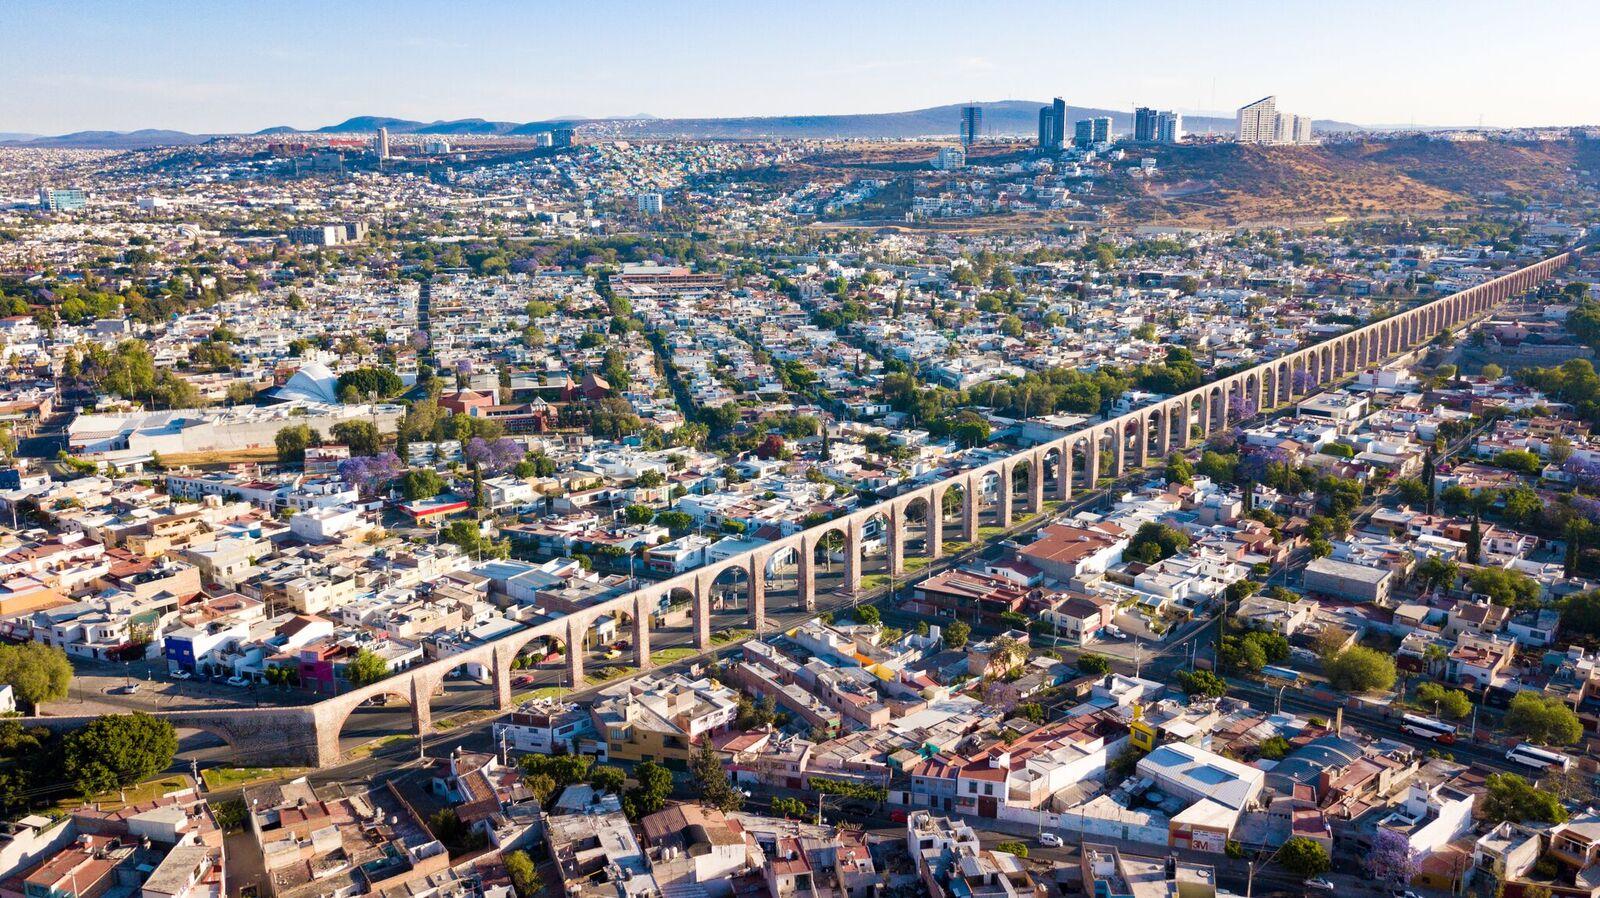 panorámica de la ciudad de Querétaro